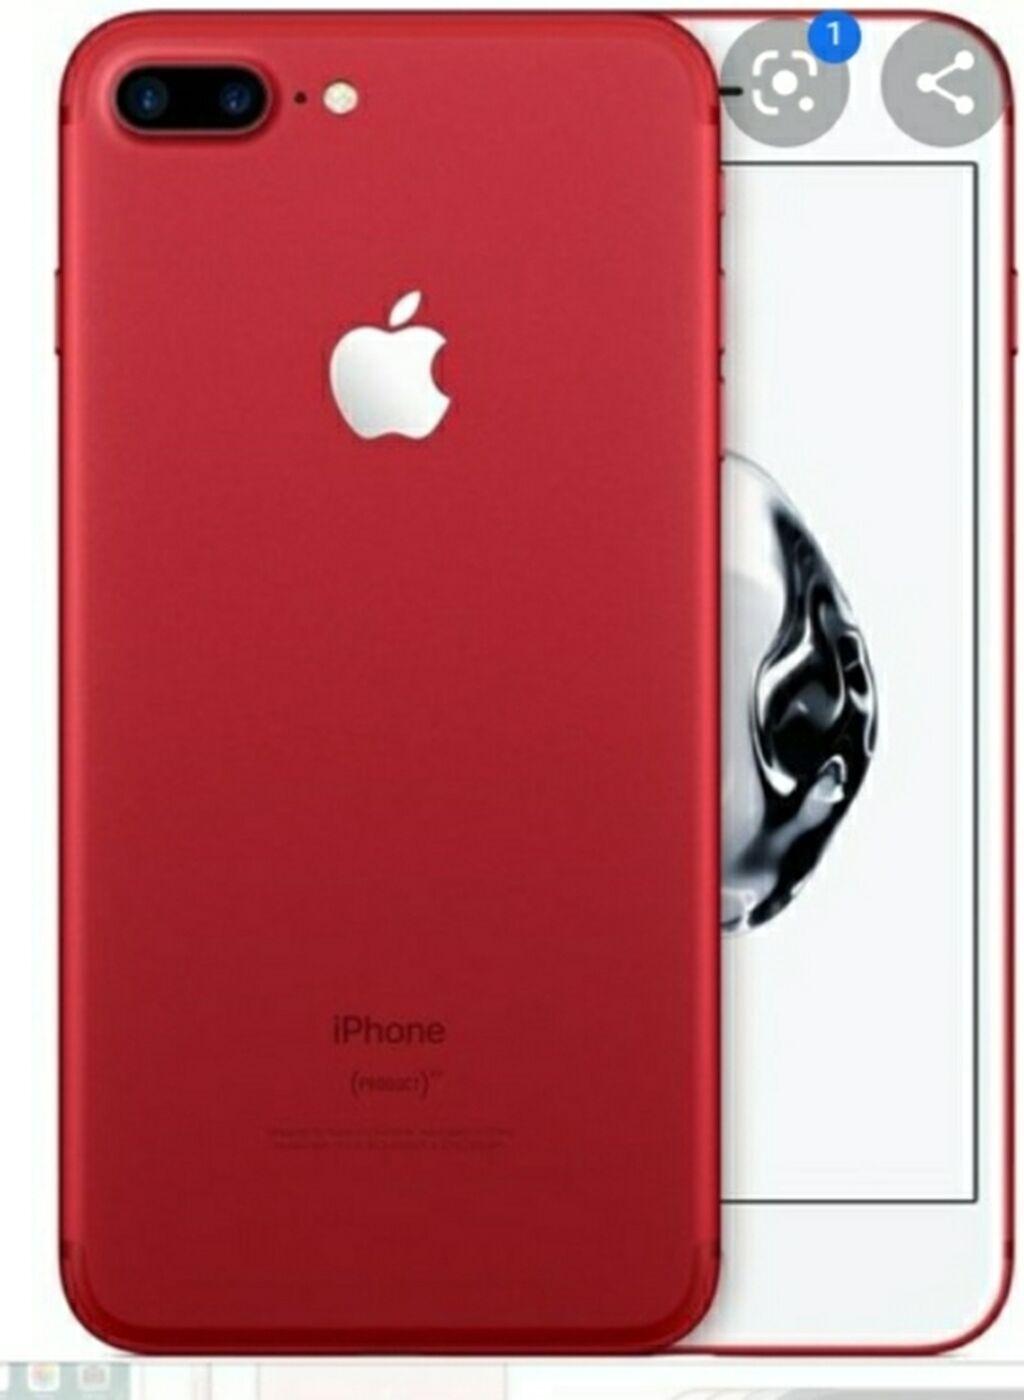 Б/У iPhone 7 Plus 128 ГБ Красный: Б/У iPhone 7 Plus 128 ГБ Красный